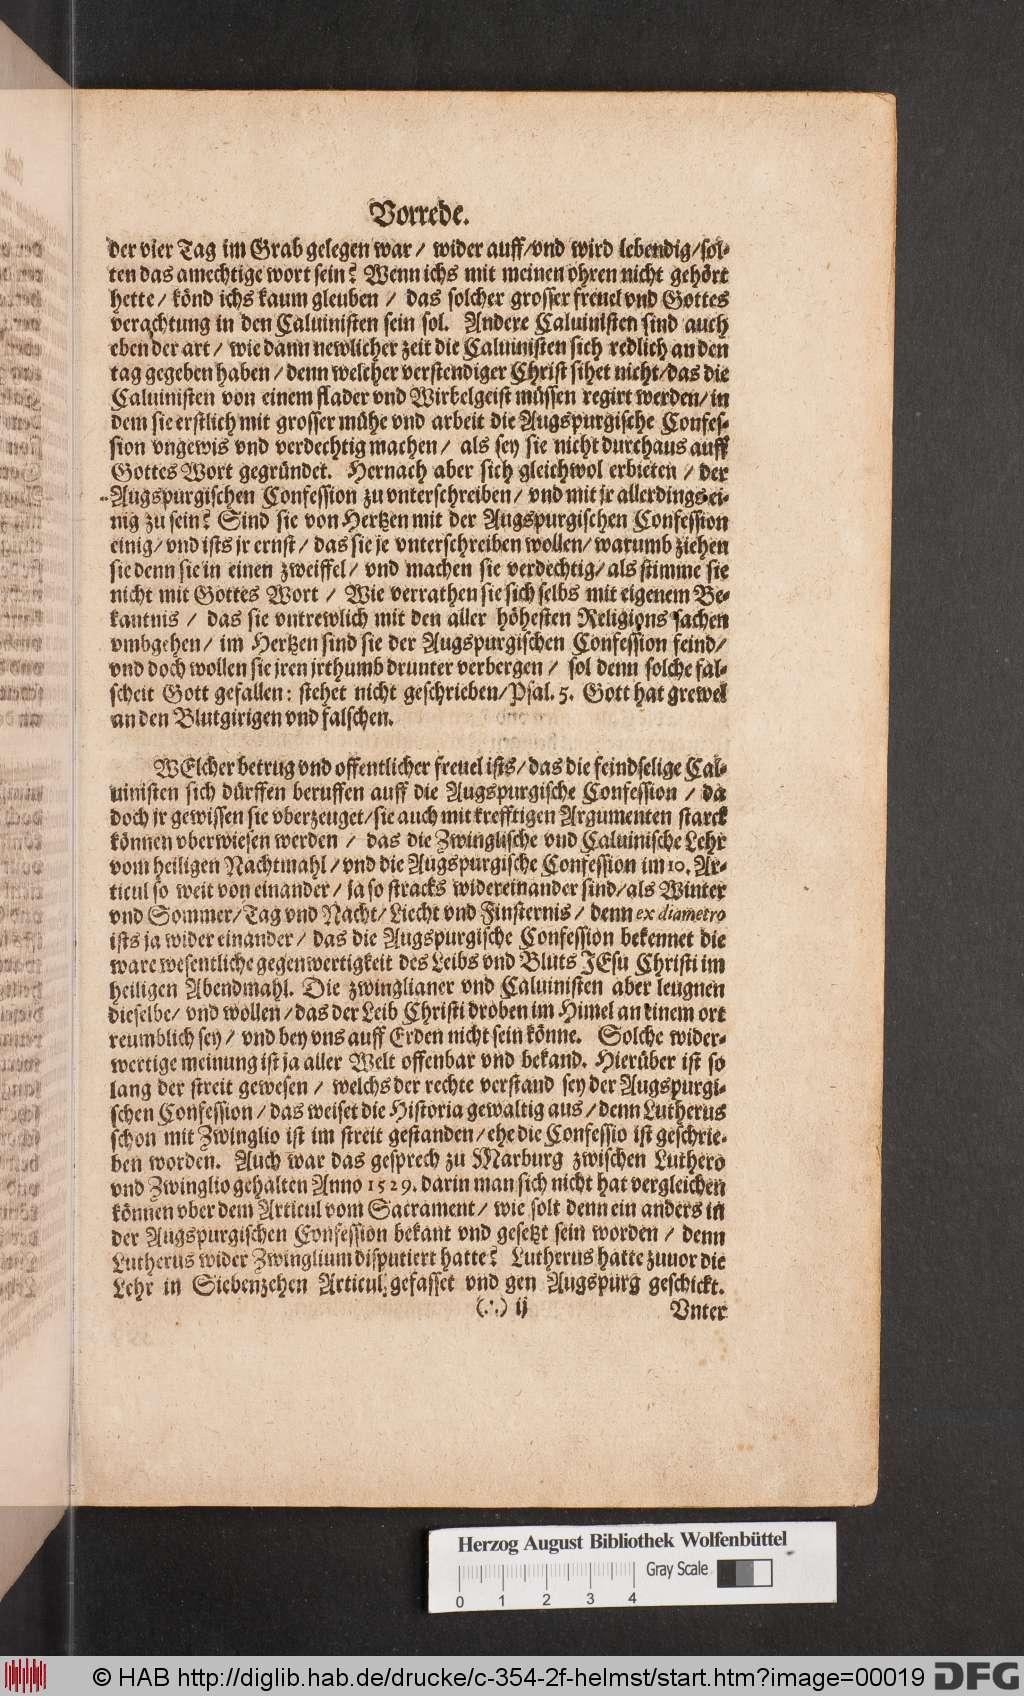 http://diglib.hab.de/drucke/c-354-2f-helmst/00019.jpg